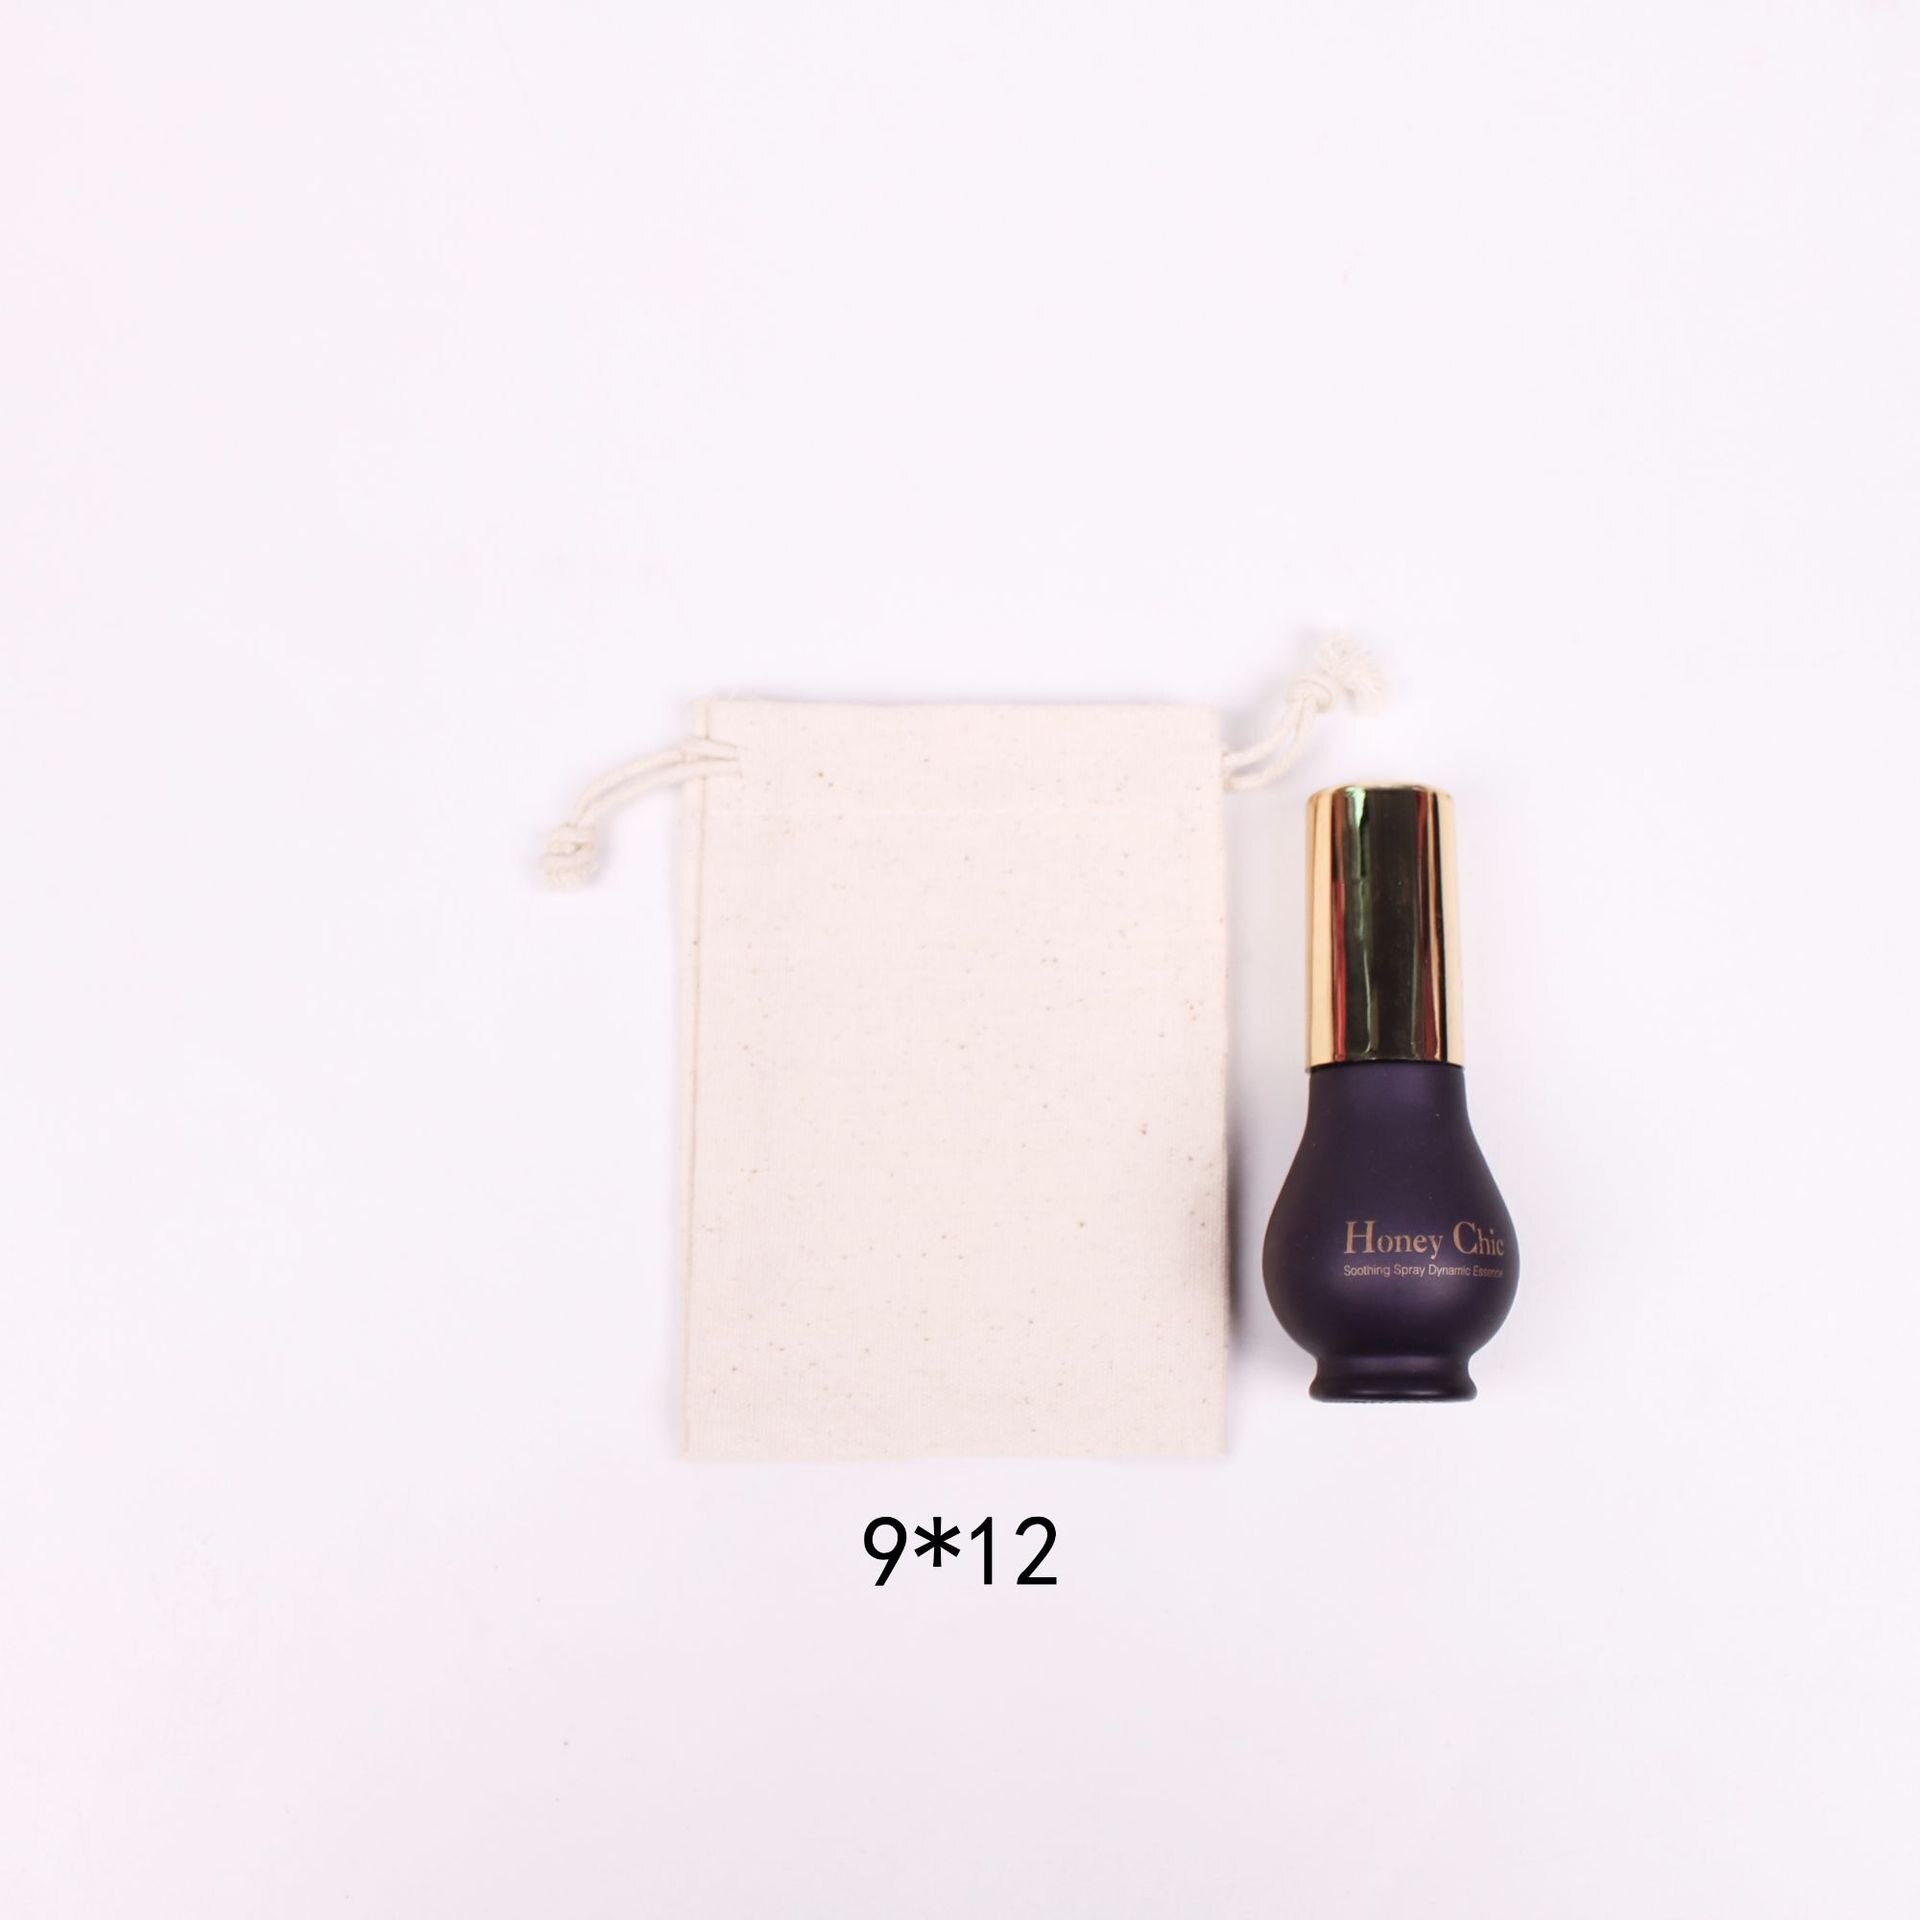 Bolsas de Algodão Malotes de Cordão 9x12cm + 2 10x15cm + 2 Pces Natural 2 15x20cm 130g